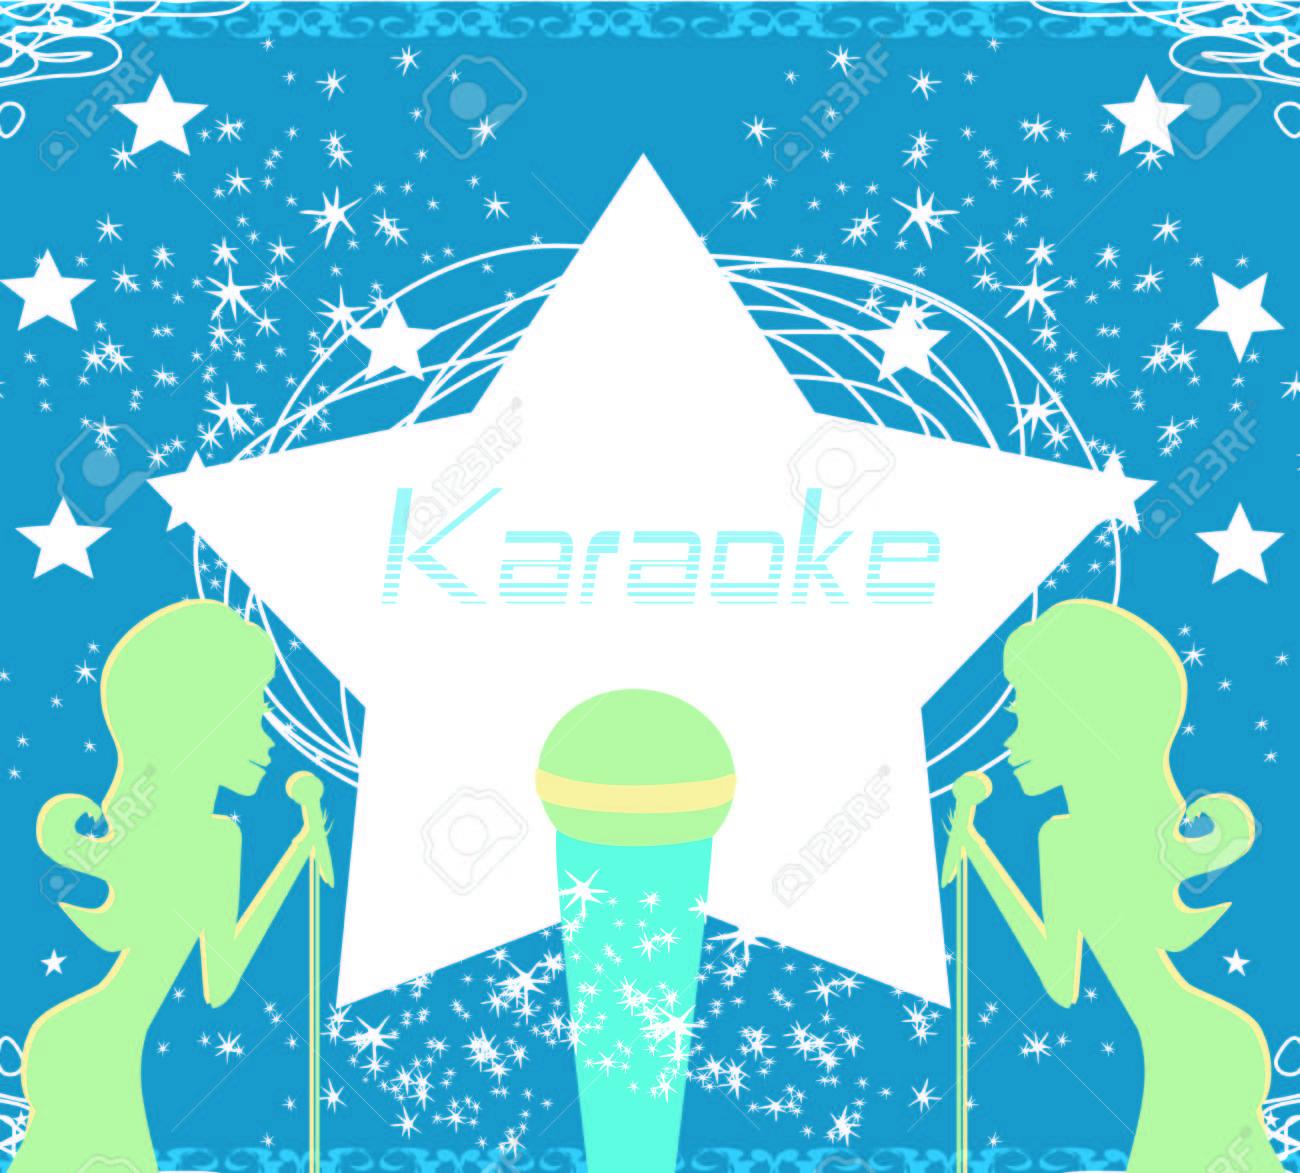 Invitación De La Fiesta Plantilla De Diseño Del Cartel De Karaoke